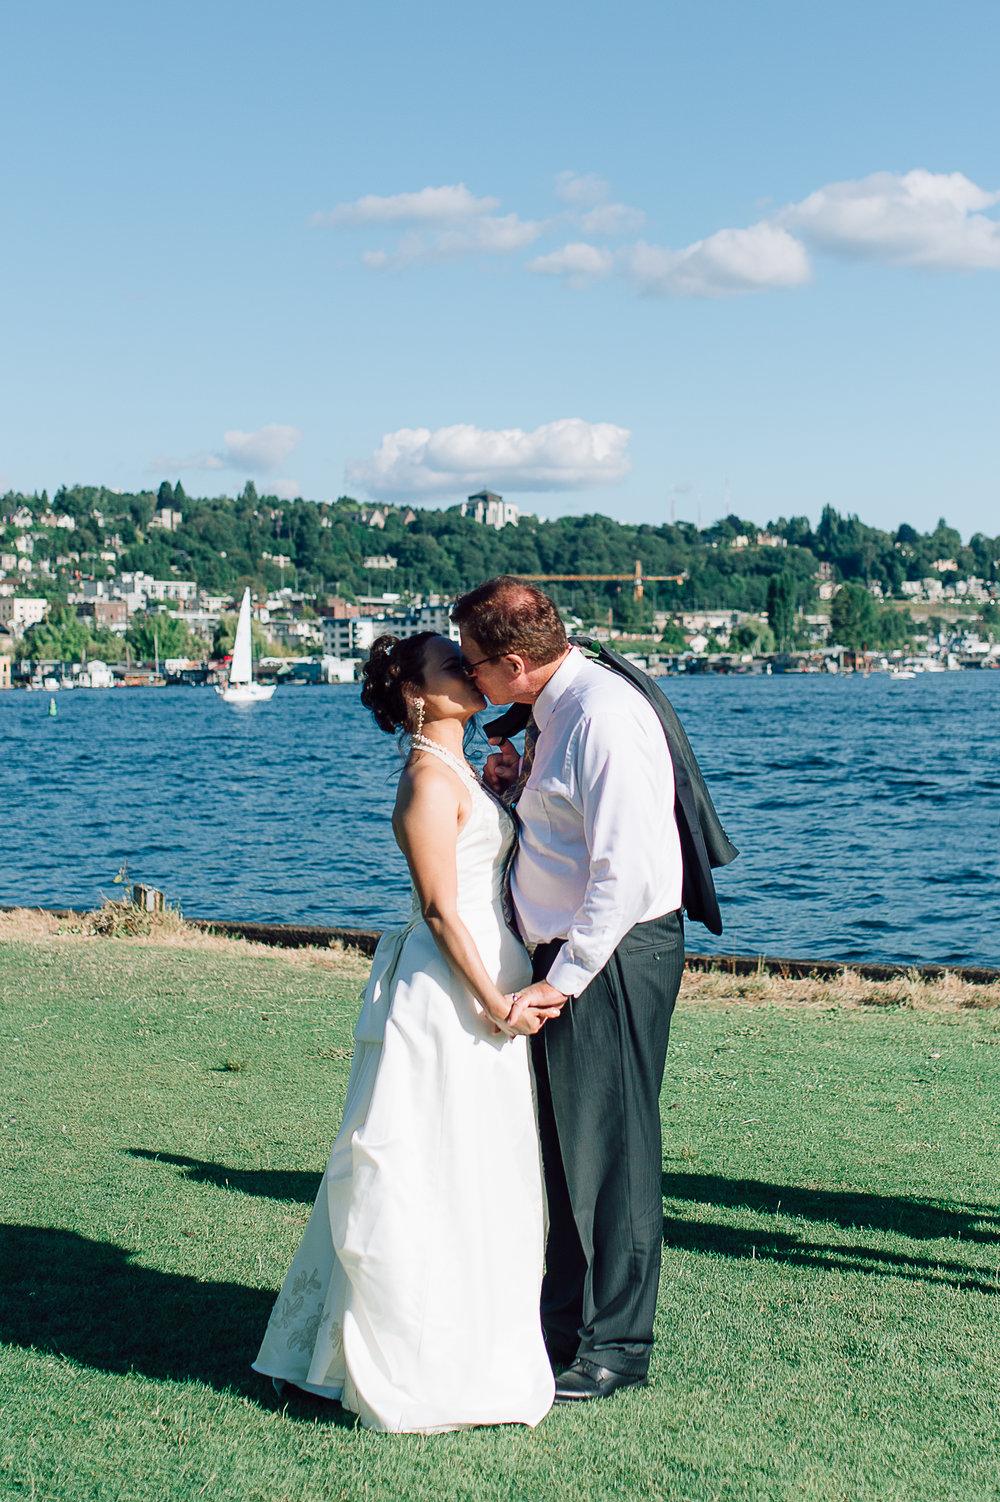 destinationwedding_Seattle_virginiaphotographer_youseephotography_LidiaOtto (422).jpg